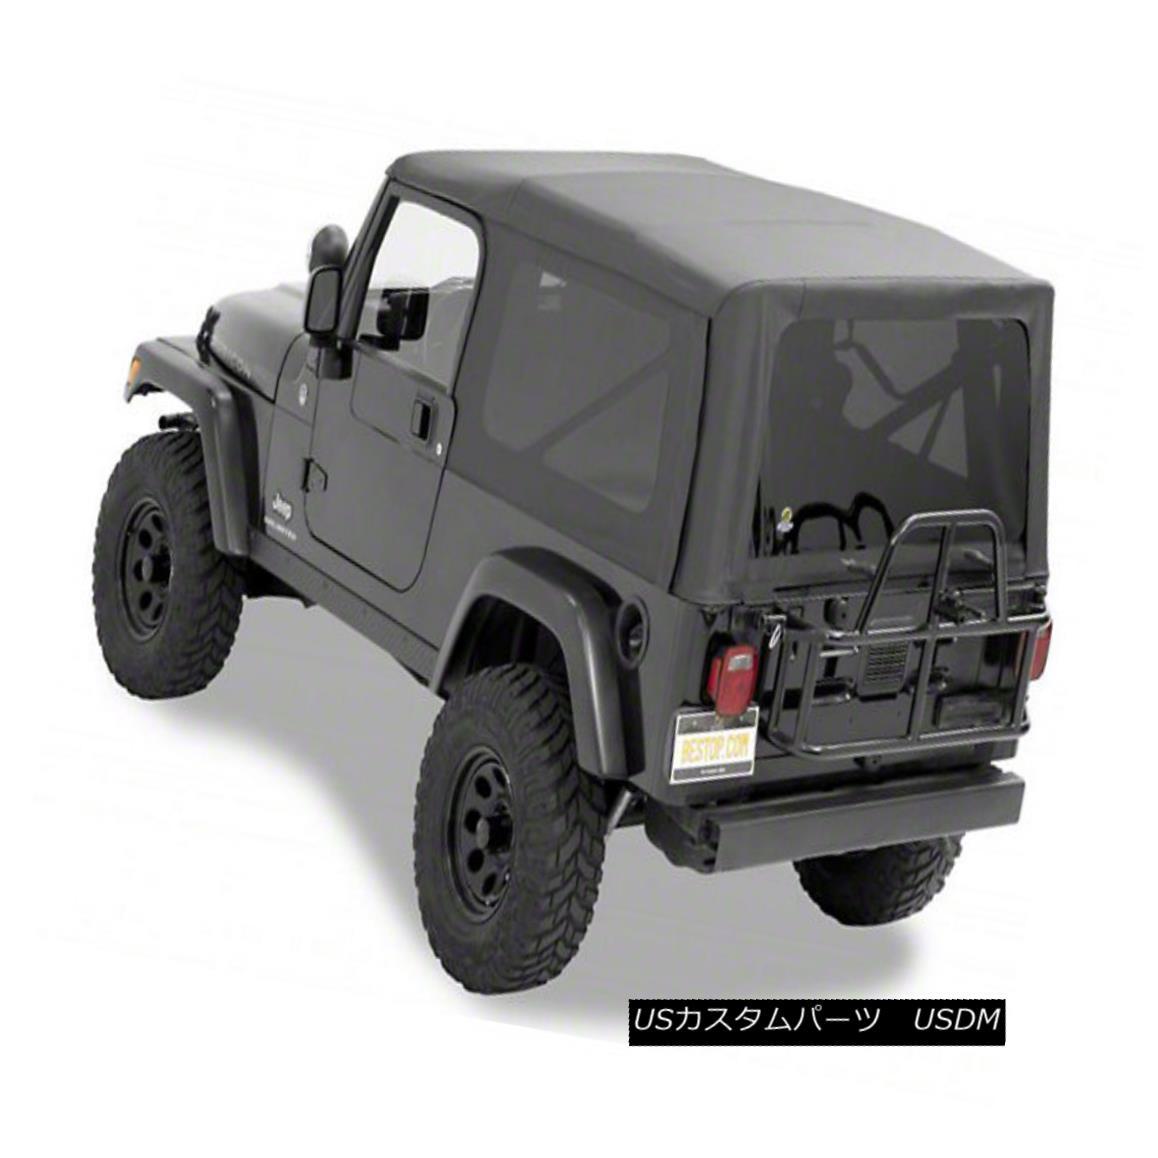 幌・ソフトトップ 2004-2006 Jeep Wrangler Unlimited Supertop NX OEM Soft Top Black 2004-2006ジープラングラー無制限Supertop NX OEMソフトトップブラック